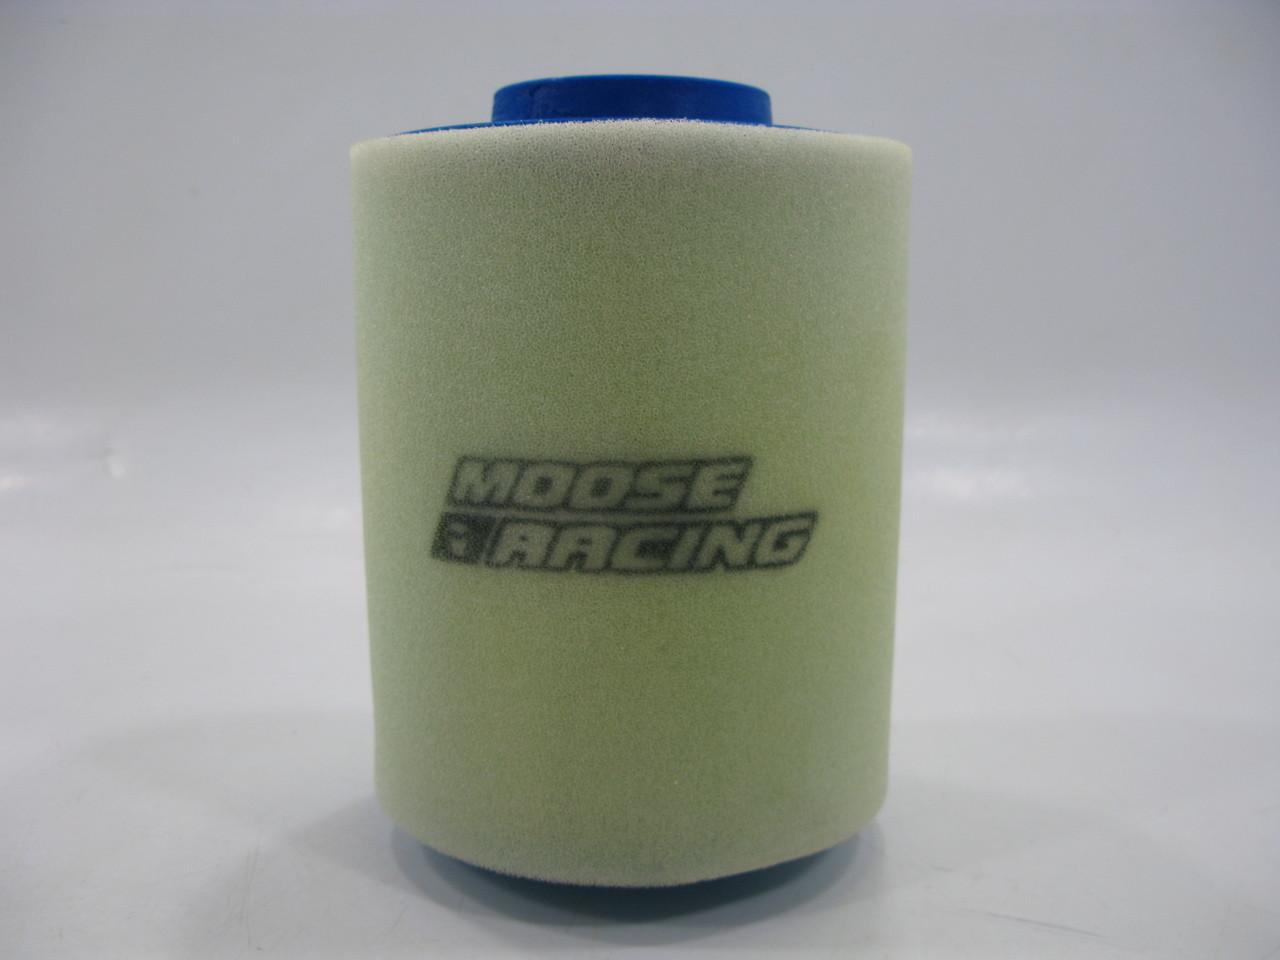 Polaris Ranger 800 RZR 800 Moose Racing Air Filter Cleaner 1011-1994